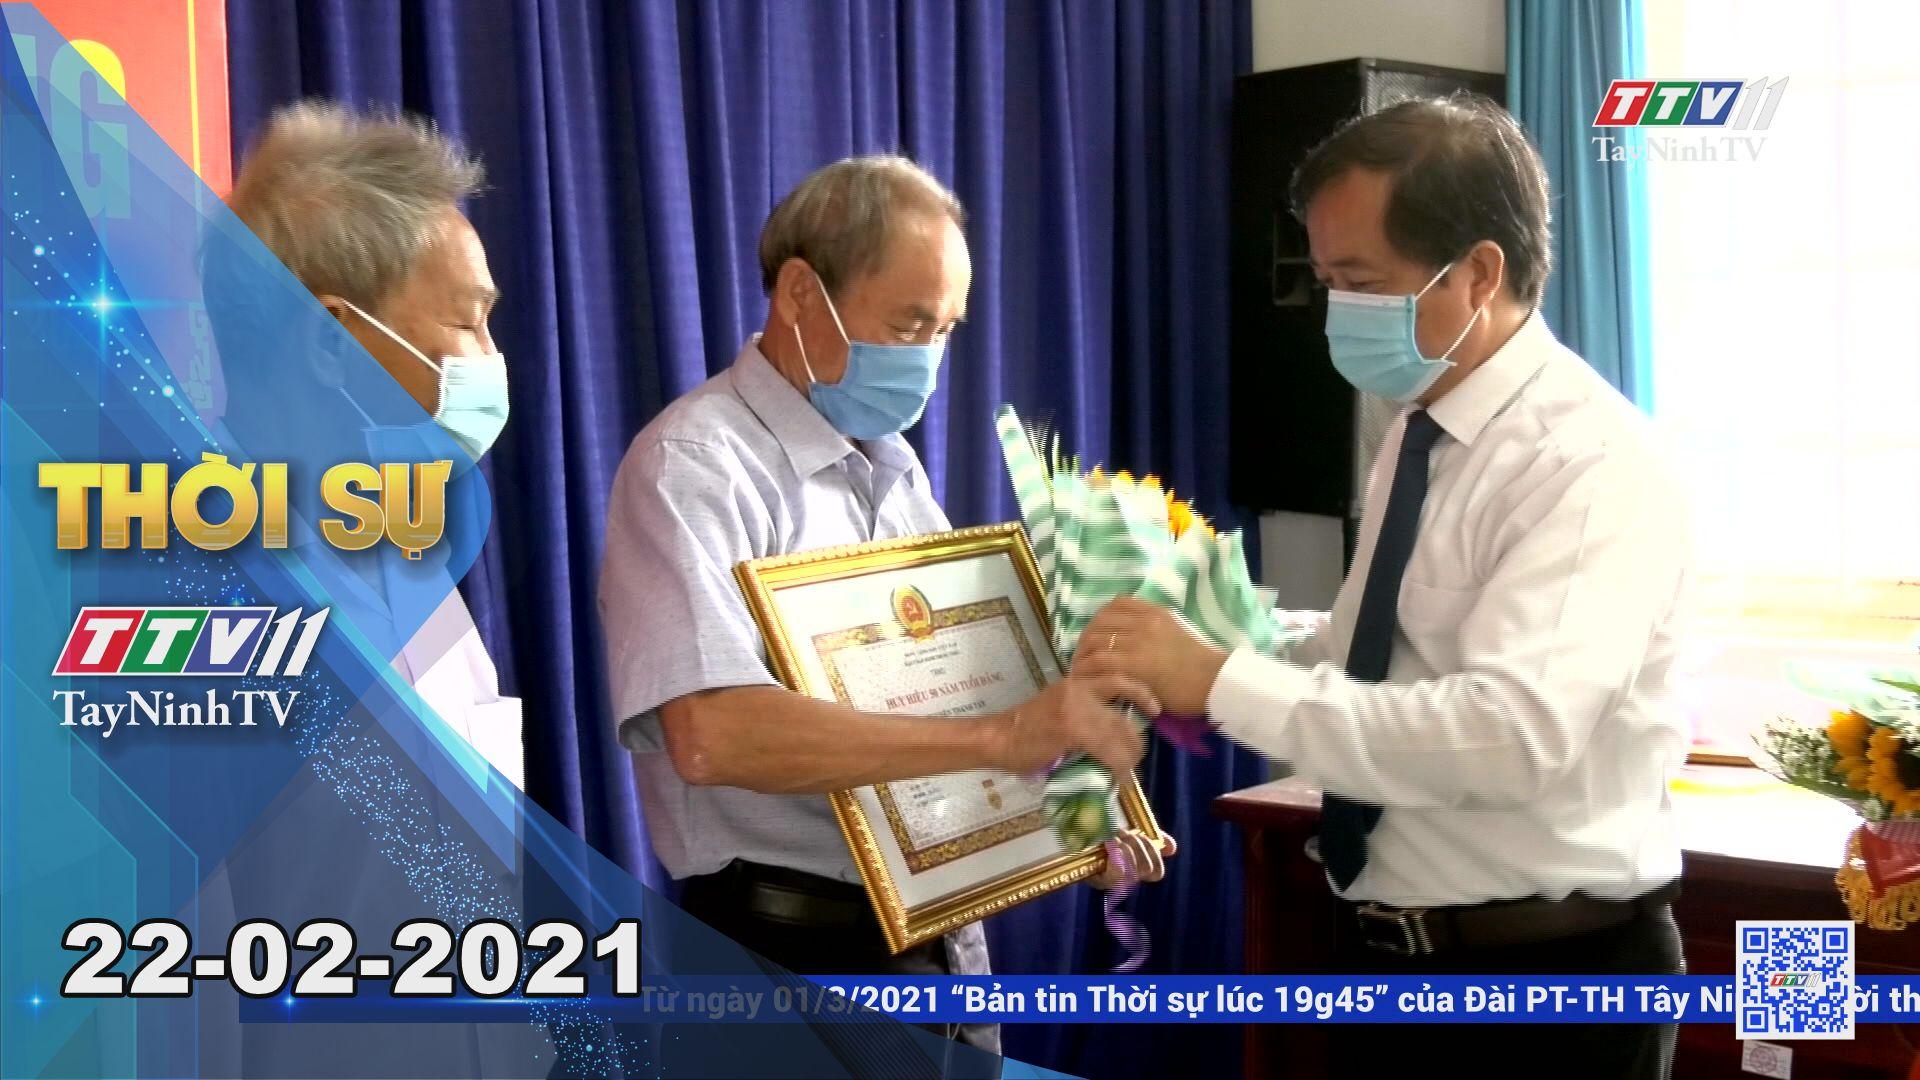 Thời sự Tây Ninh 22-02-2021 | Tin tức hôm nay | TayNinhTV